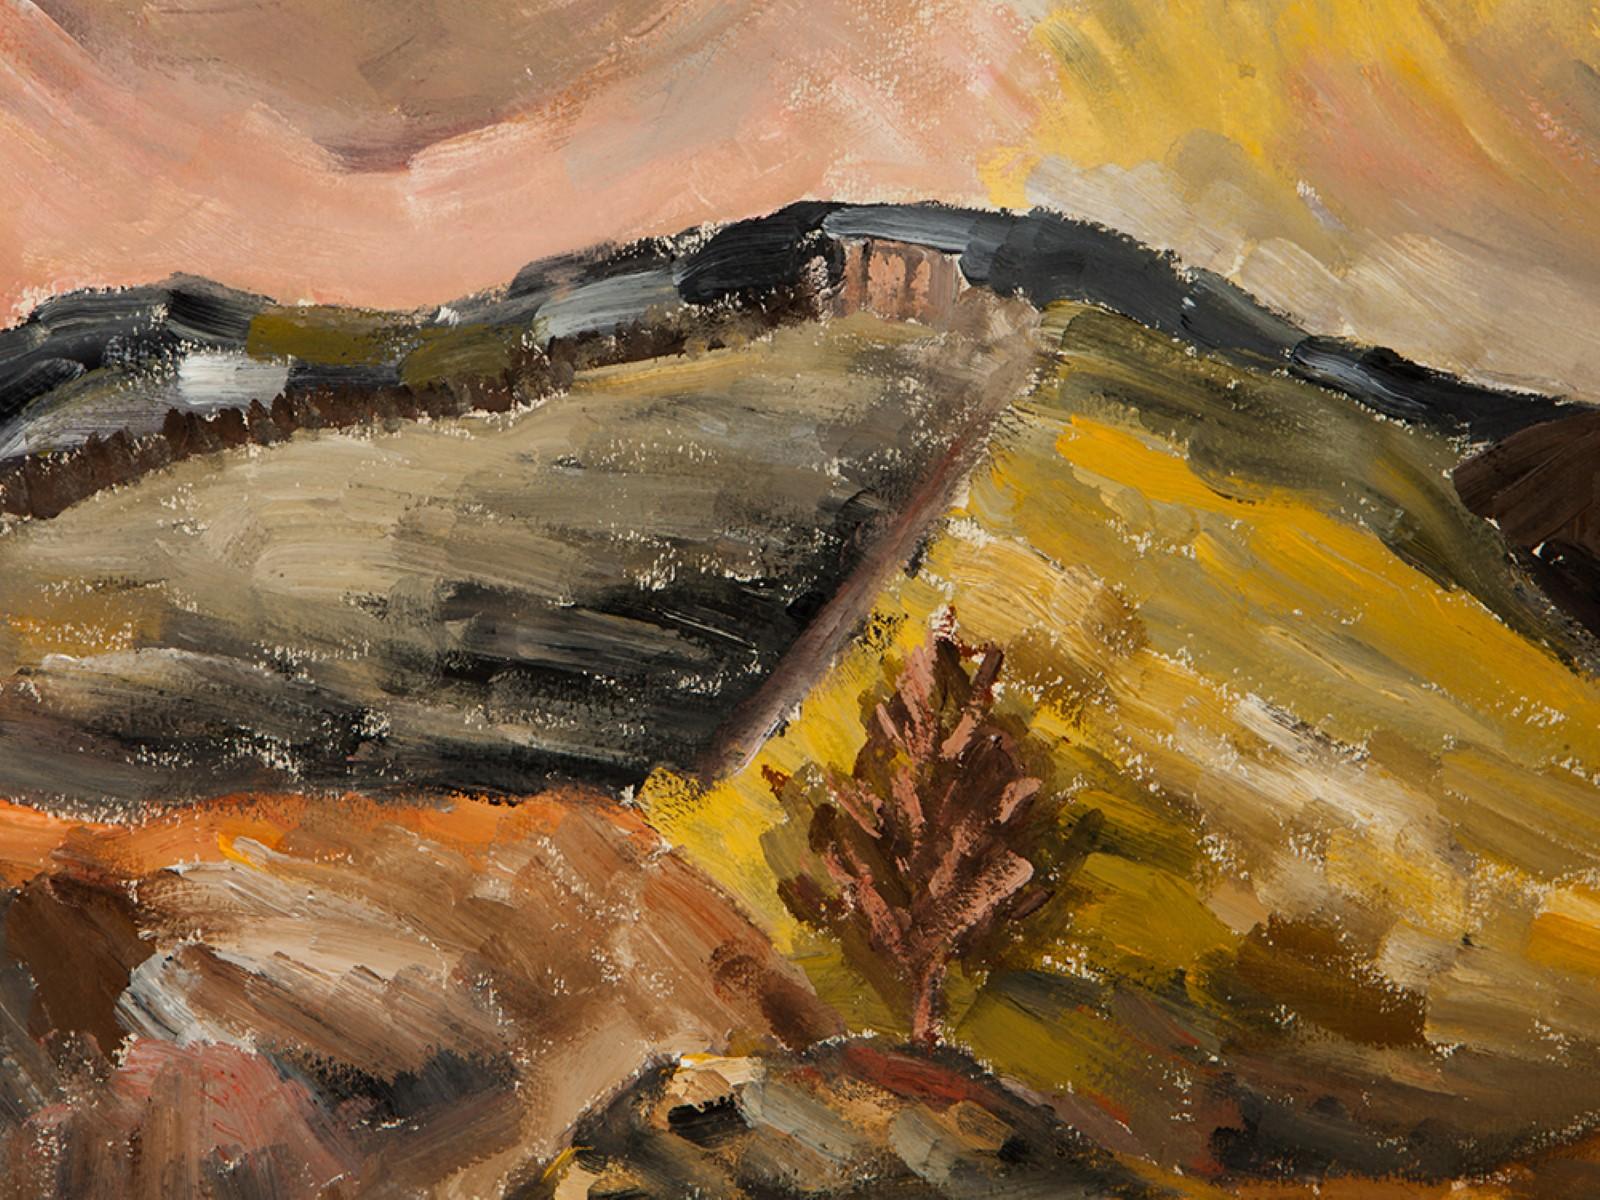 #122 Rudolf Petrik* (1922-1991), Landscape with Tree, Austria, 1944   Rudolf Petrik* (1922-1991), Landschaft mit Baum, Österreich, 1944 Image